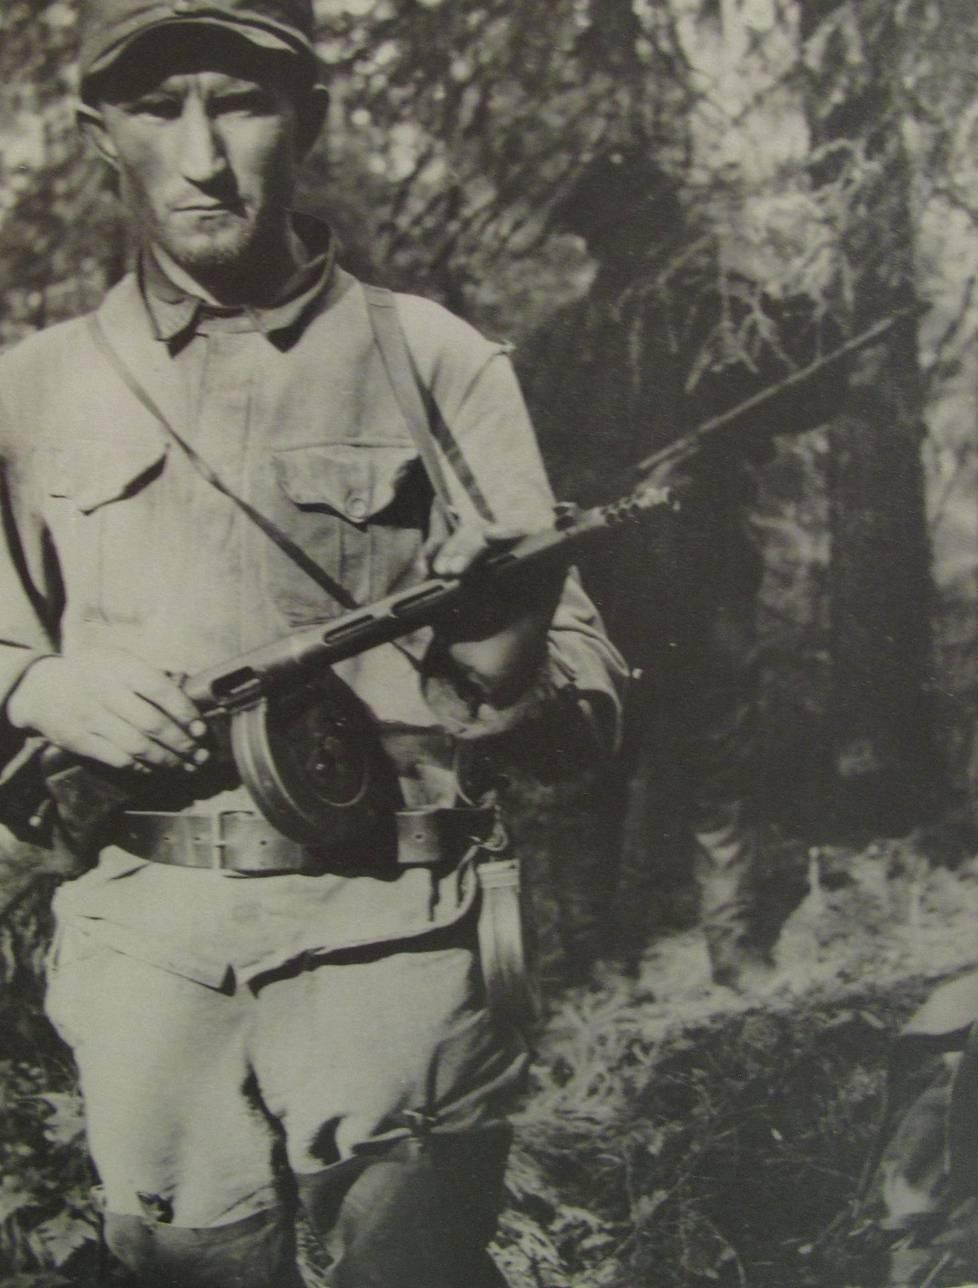 Partio 49:n johtaja Mauri Kärpänen asettui vakavailmeisenä kameran eteen 4. heinäkuuta 1943. Tunti myöhemmin Kärpänen haavoittui ja julma leikki erämaassa muuttui vihoviimeiseksi eloonjäämiskamppailuksi.